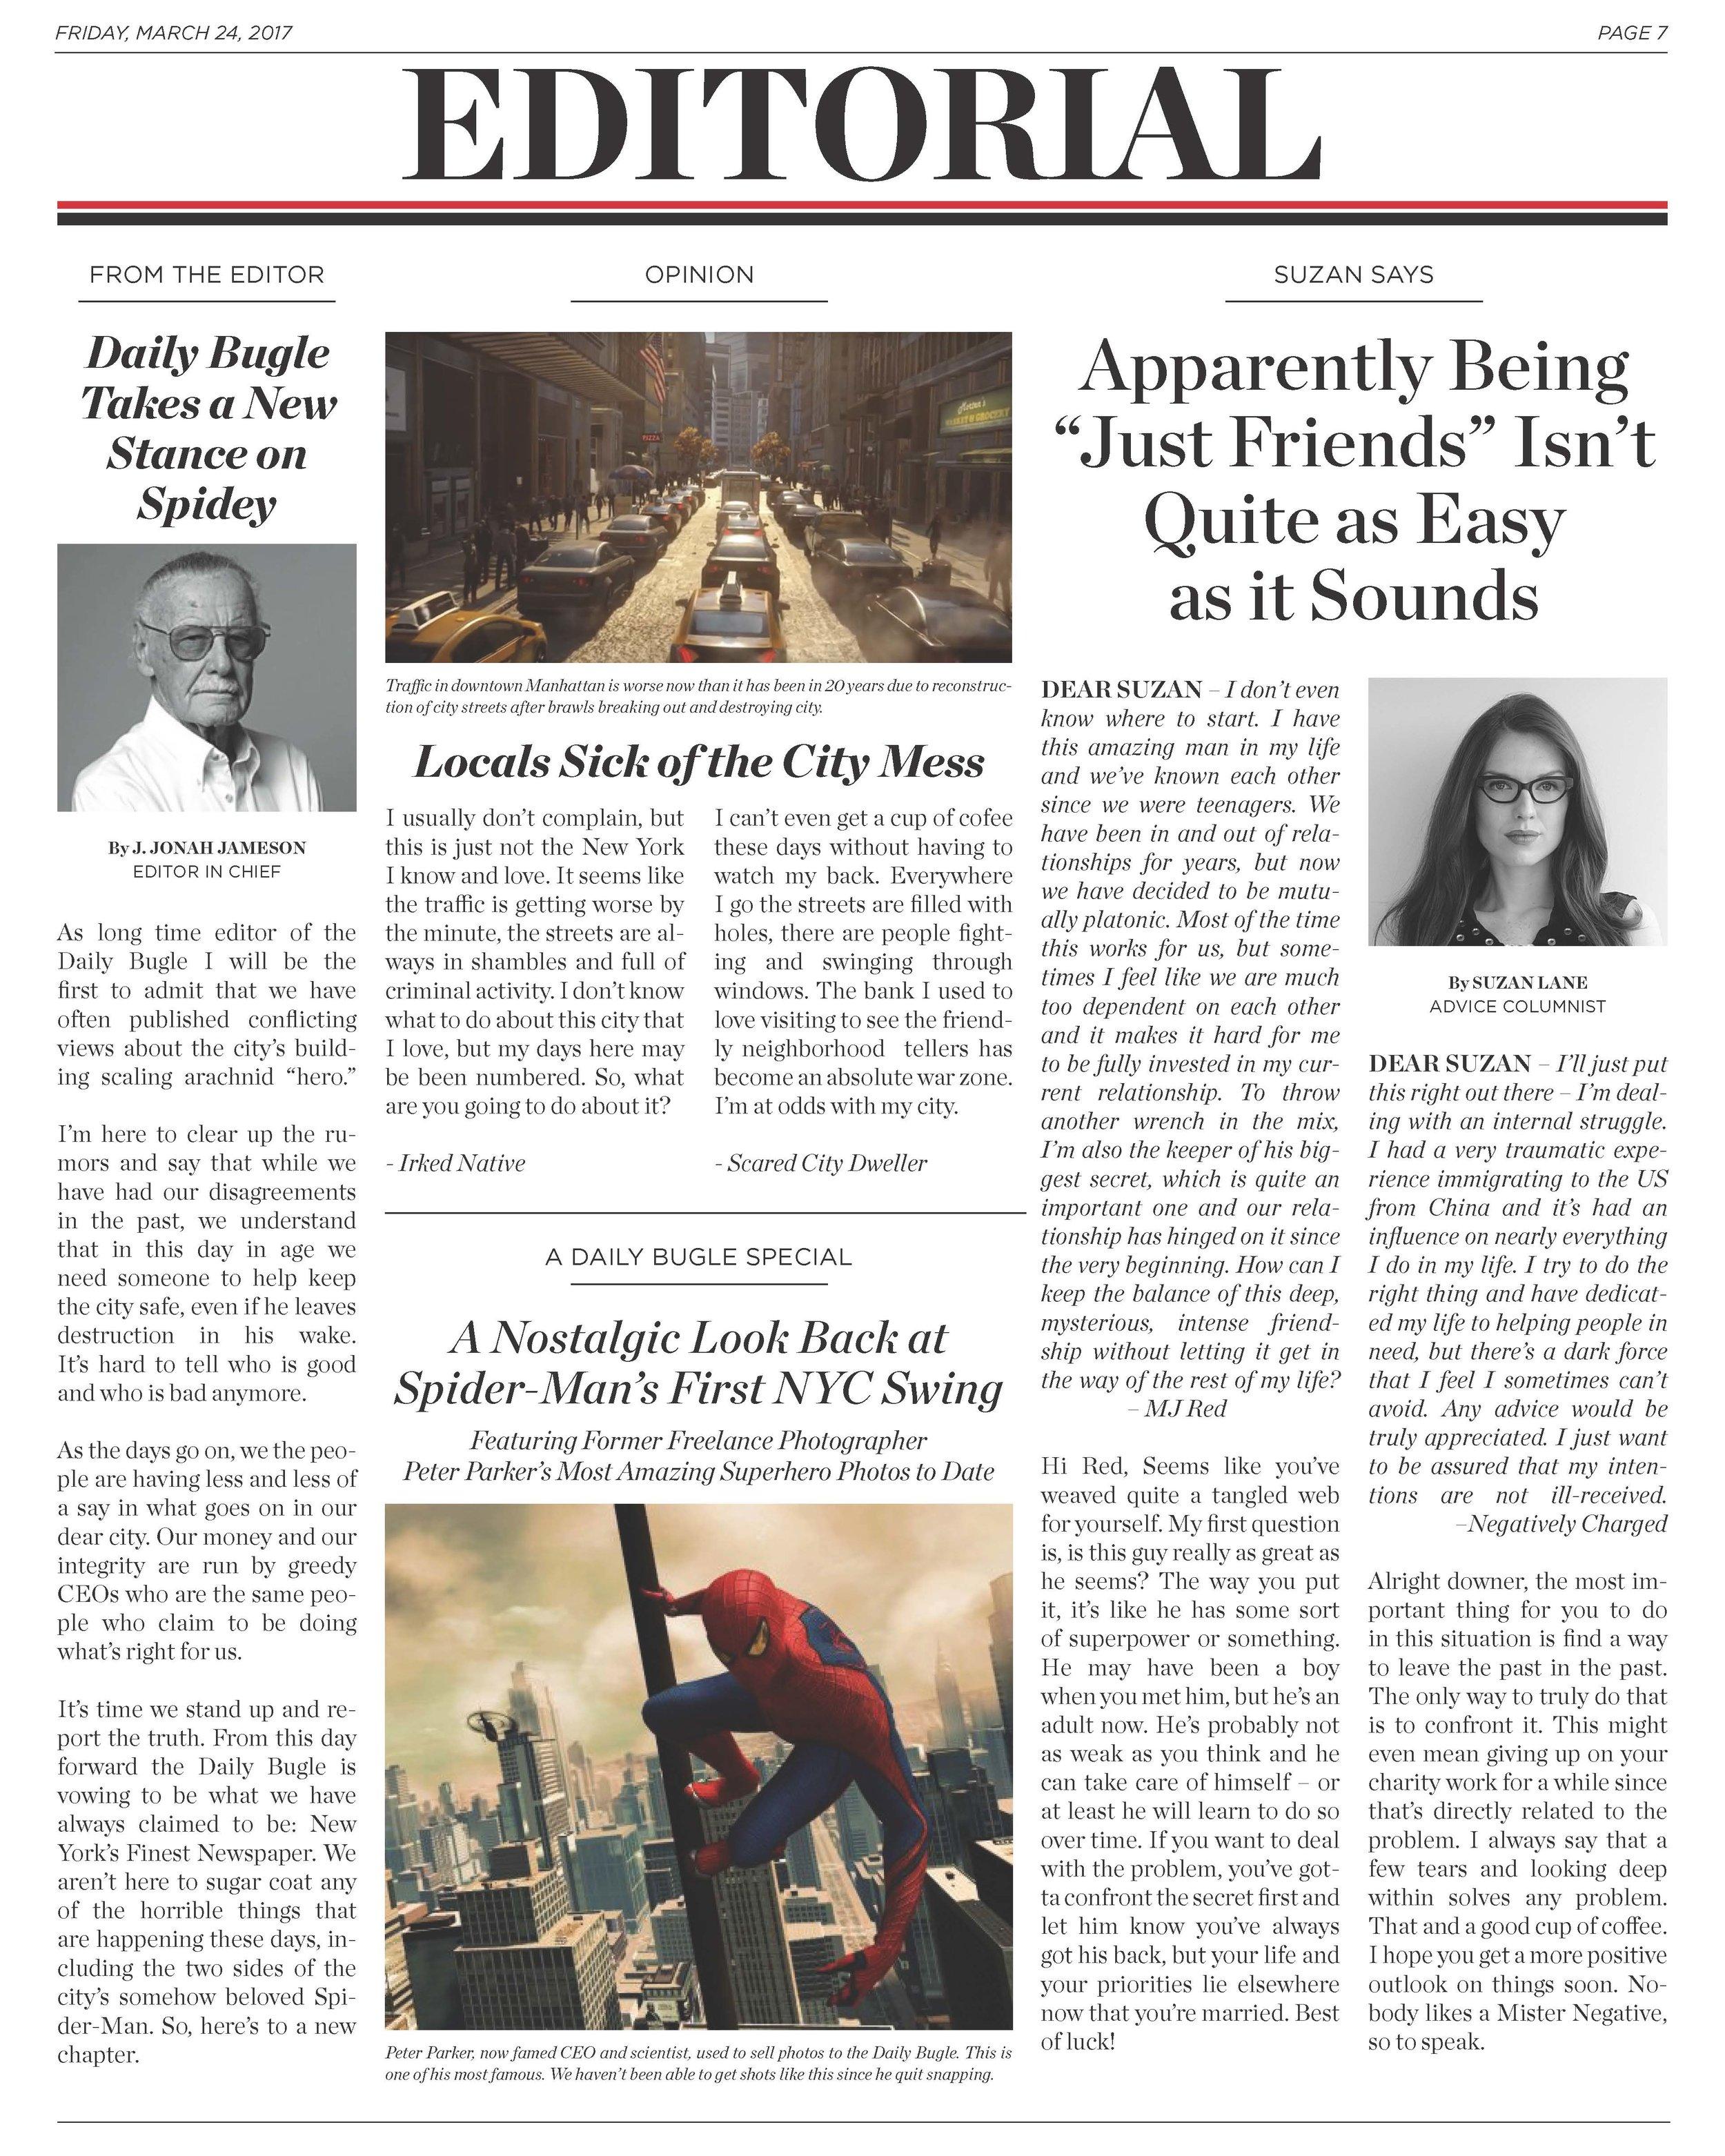 DailyBugle_Page_7.jpg